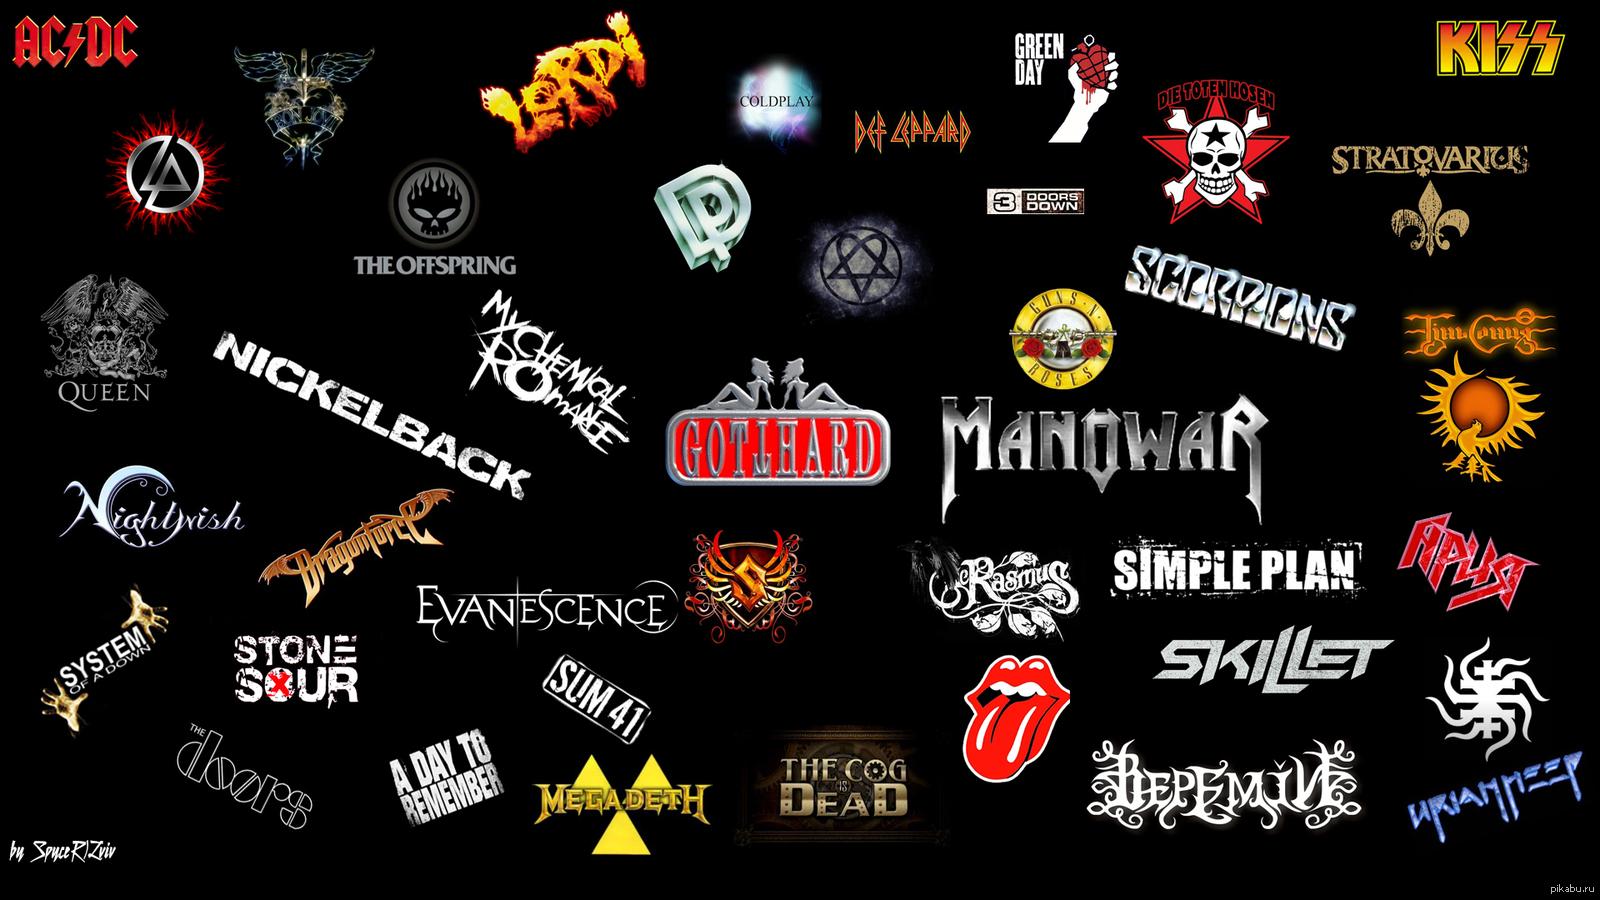 Логотипы рок групп в одной картинке